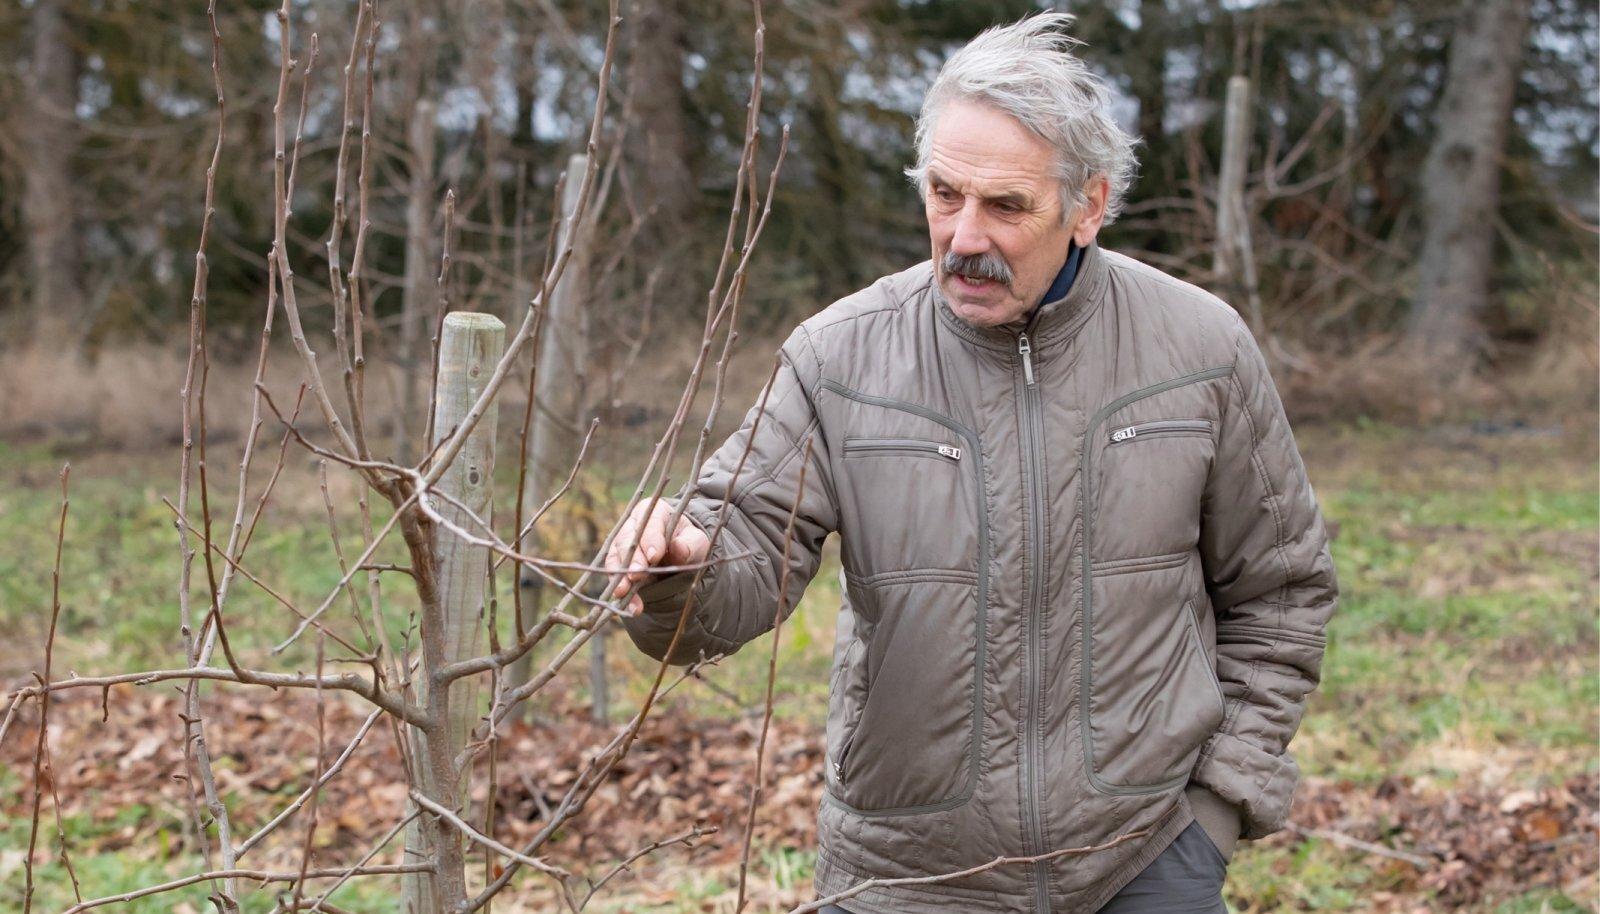 Tõnu Oks tahab proovida uusi asju: peale maasikate kasvatab ta vaarikaid, kultuurmustikaid, pampleid, sõstraid, astelpaju ja õunu-pirne.